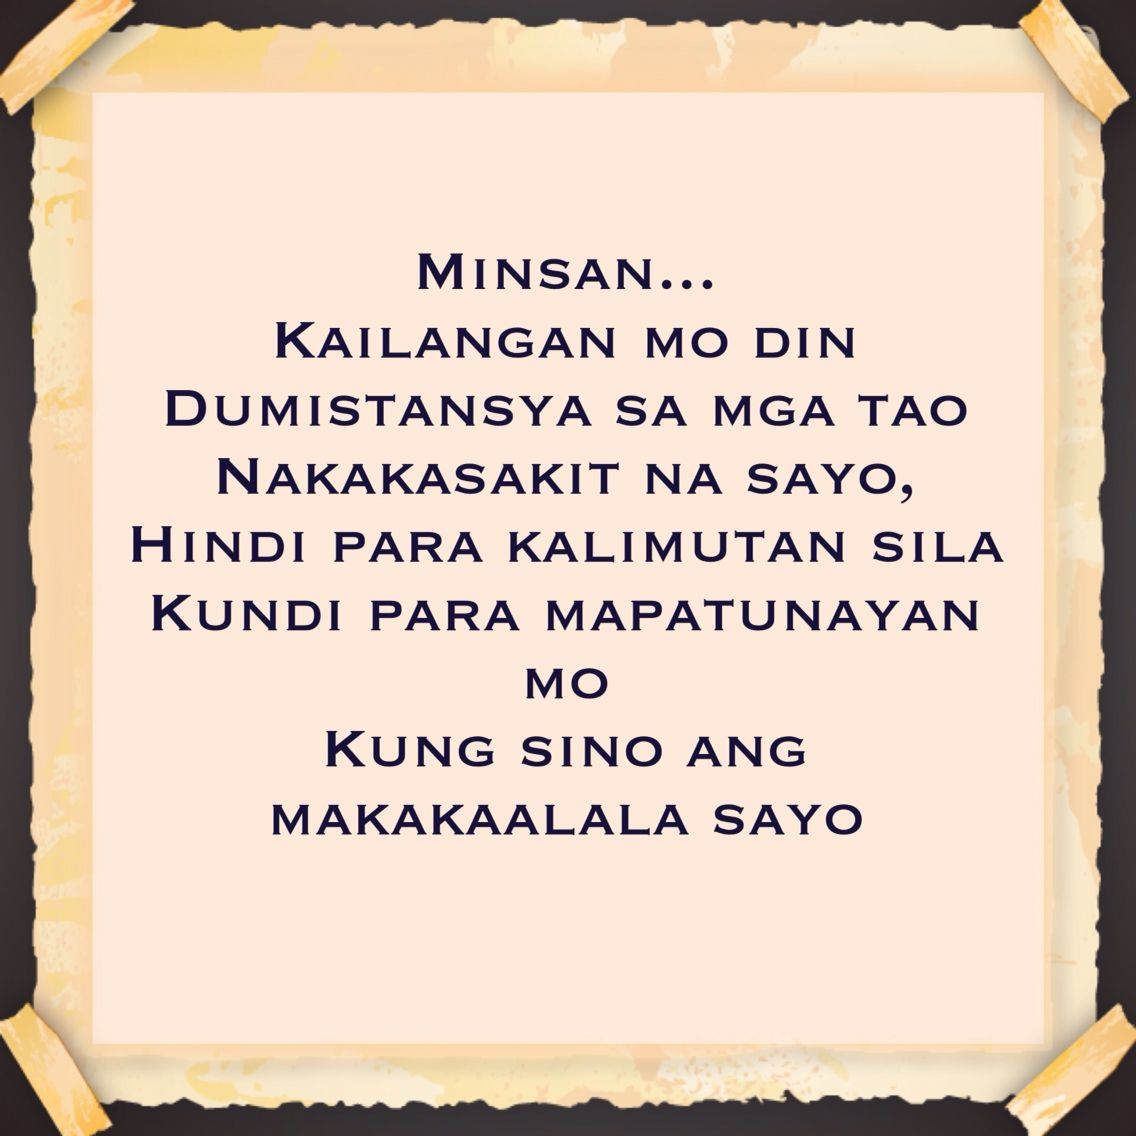 Tagalog Quotes Tagalogqoutes Filipino Pinoy Quotes Tagalog Qoutes Friendship Quotes